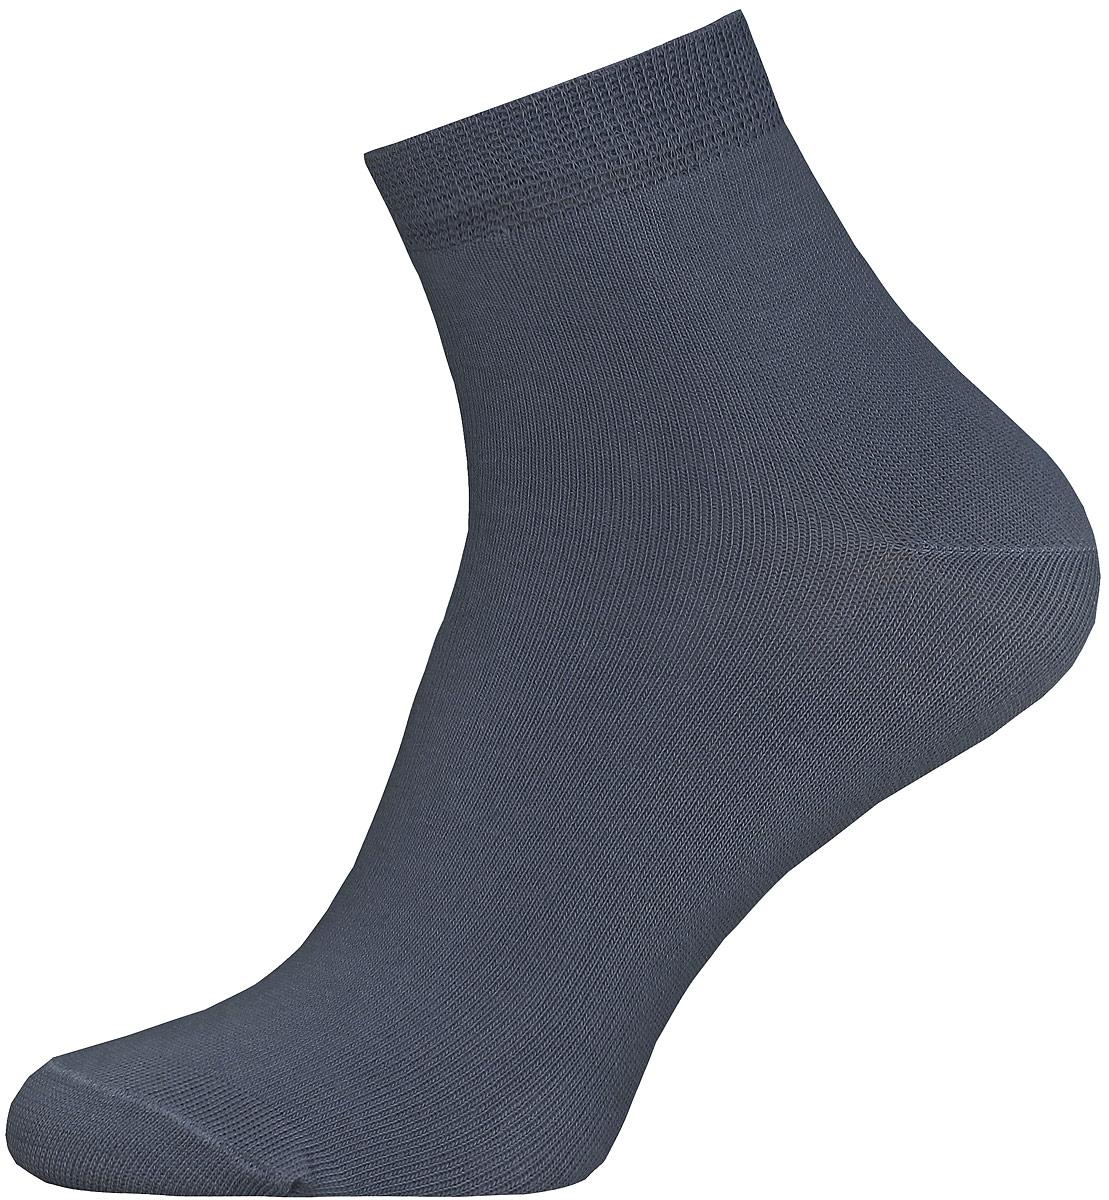 Носки мужские Брестские Classic, цвет: темно-серый. 14С2124/000. Размер 2714С2124/000Мужские гладкие носки Брестские Classic изготовлены из хлопка с добавлением полиэстера и эластана. На модели предусмотрен укороченный двойной борт. Носки хорошо держат форму и обладают повышенной воздухопроницаемостью, имеют усиленные пятку и мысок для повышенной износостойкости.